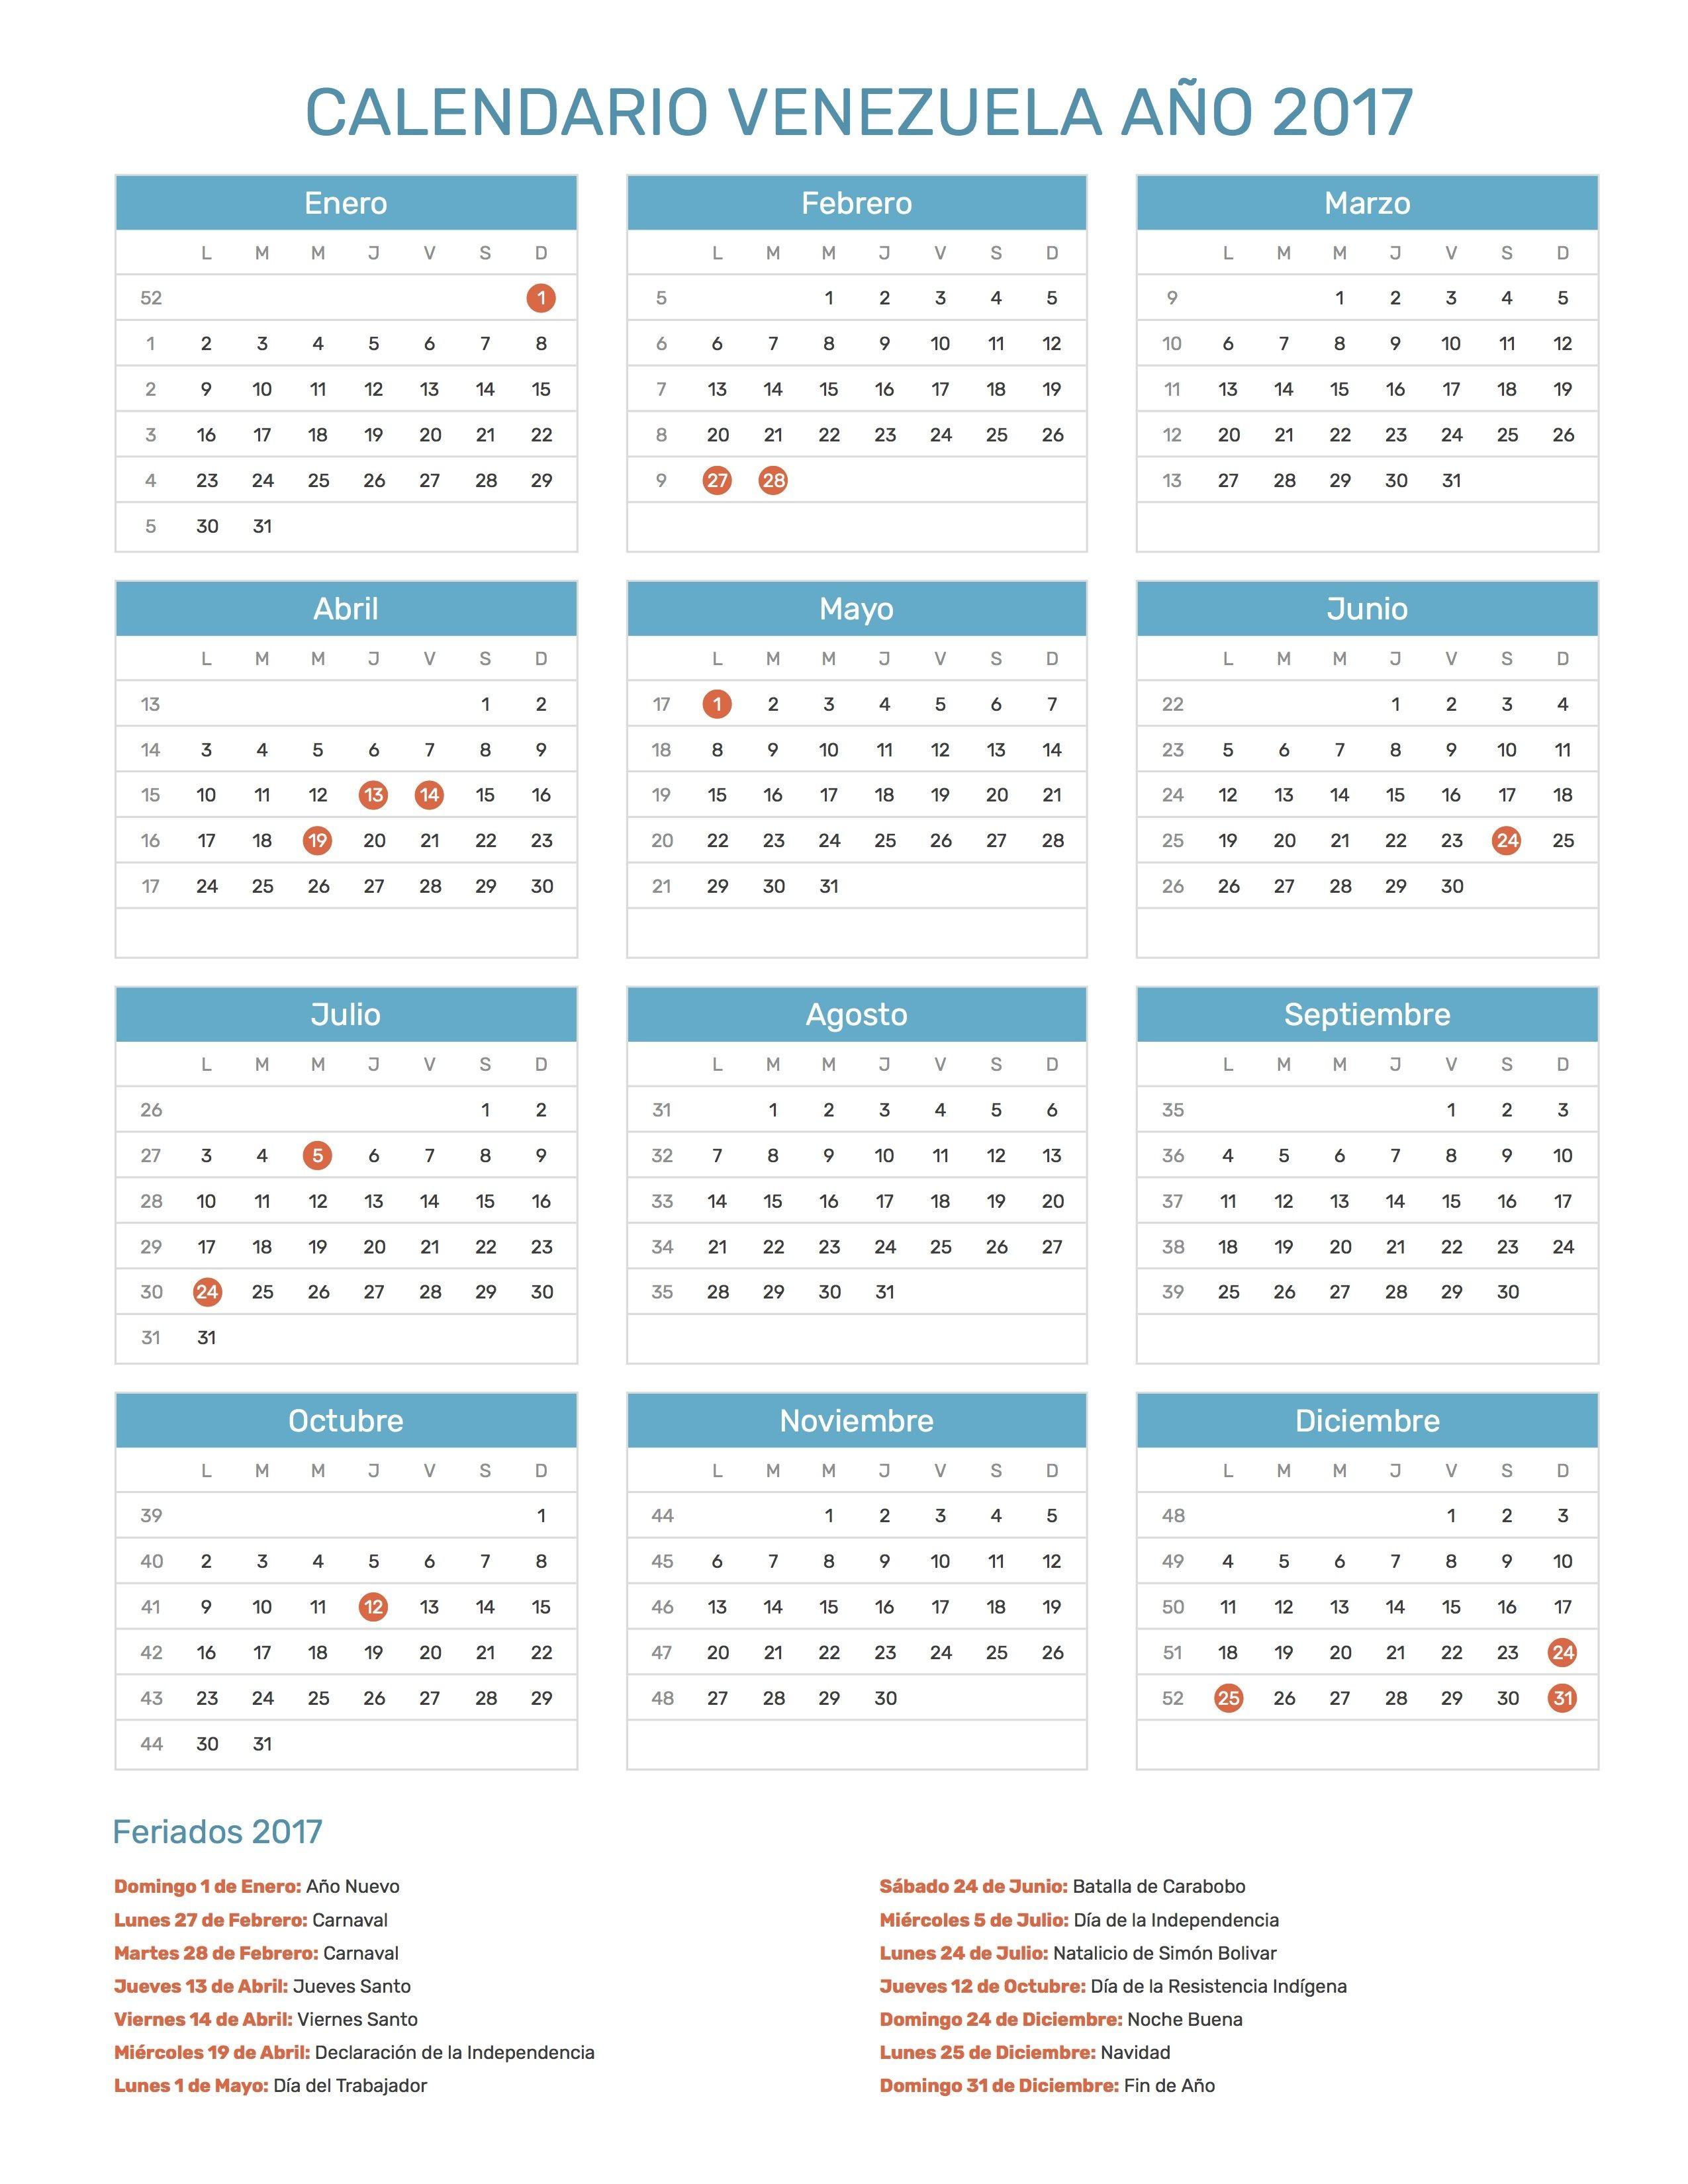 Calendario 2020 Argentina Con Feriados Recientes 15 Mejores Imágenes De Calendario De 2017 Of Calendario 2020 Argentina Con Feriados Más Recientes Sudeban Bancos Deben Trabajar Lunes Martes Y Miércoles De